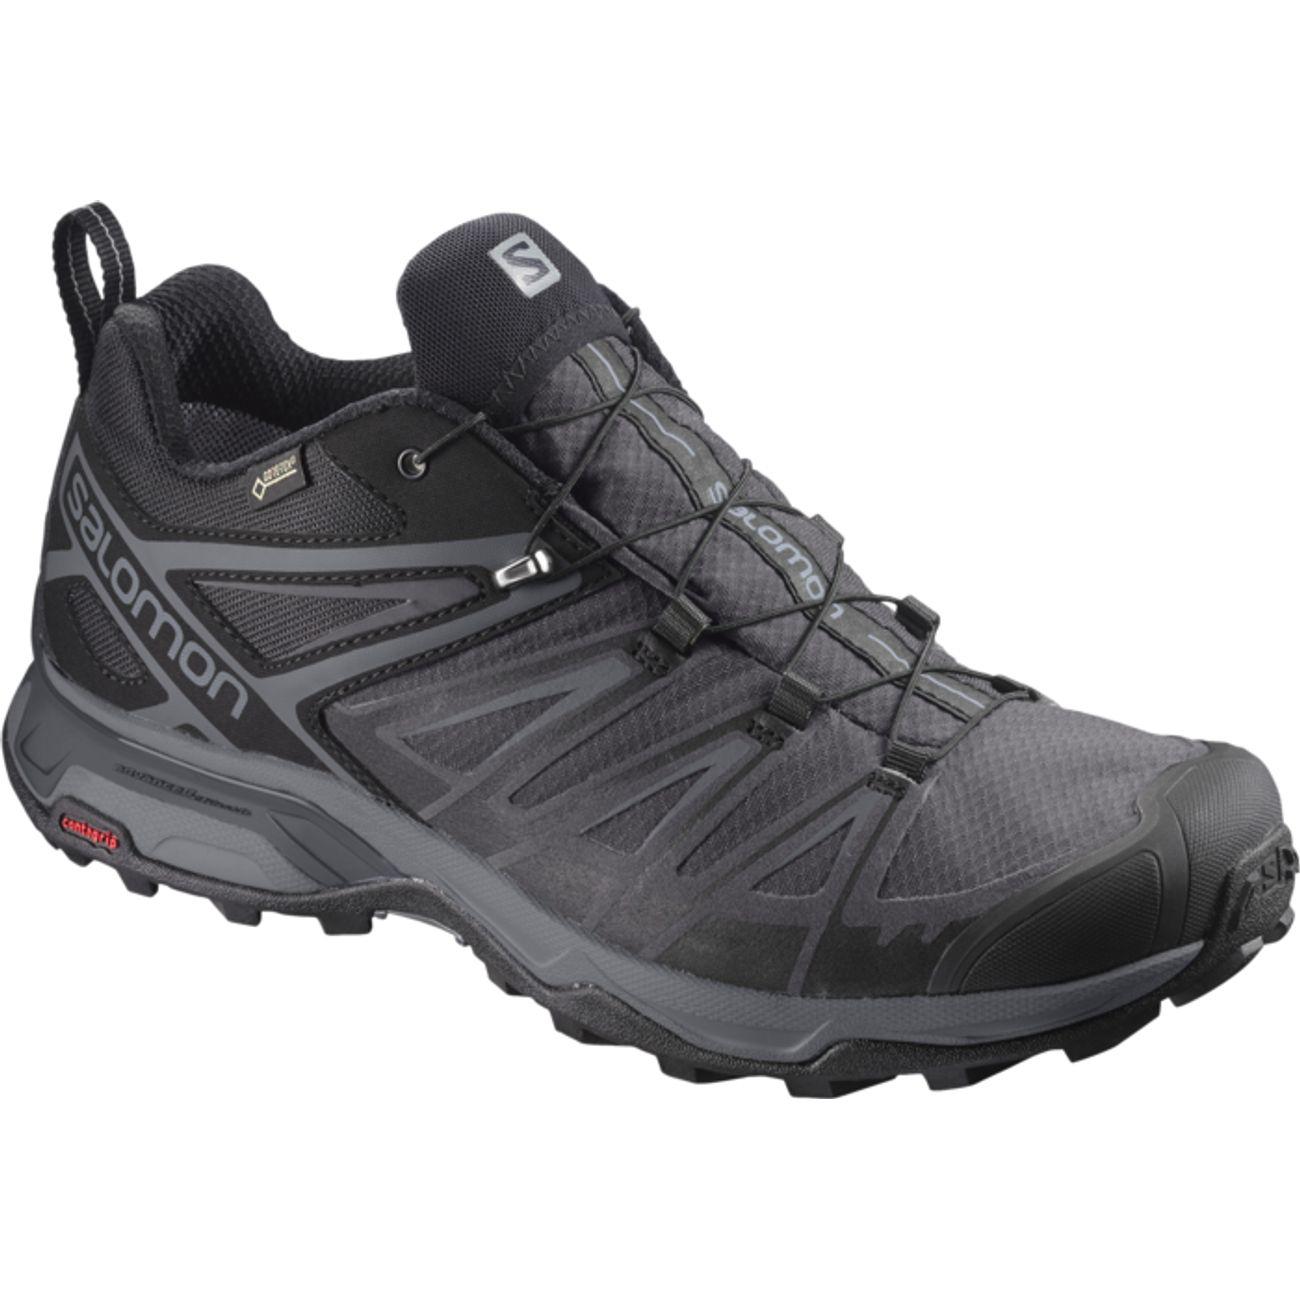 Chaussures de randonnée Salomon X Ultra 3 GTX - noir (du 40 au 46 2/3)